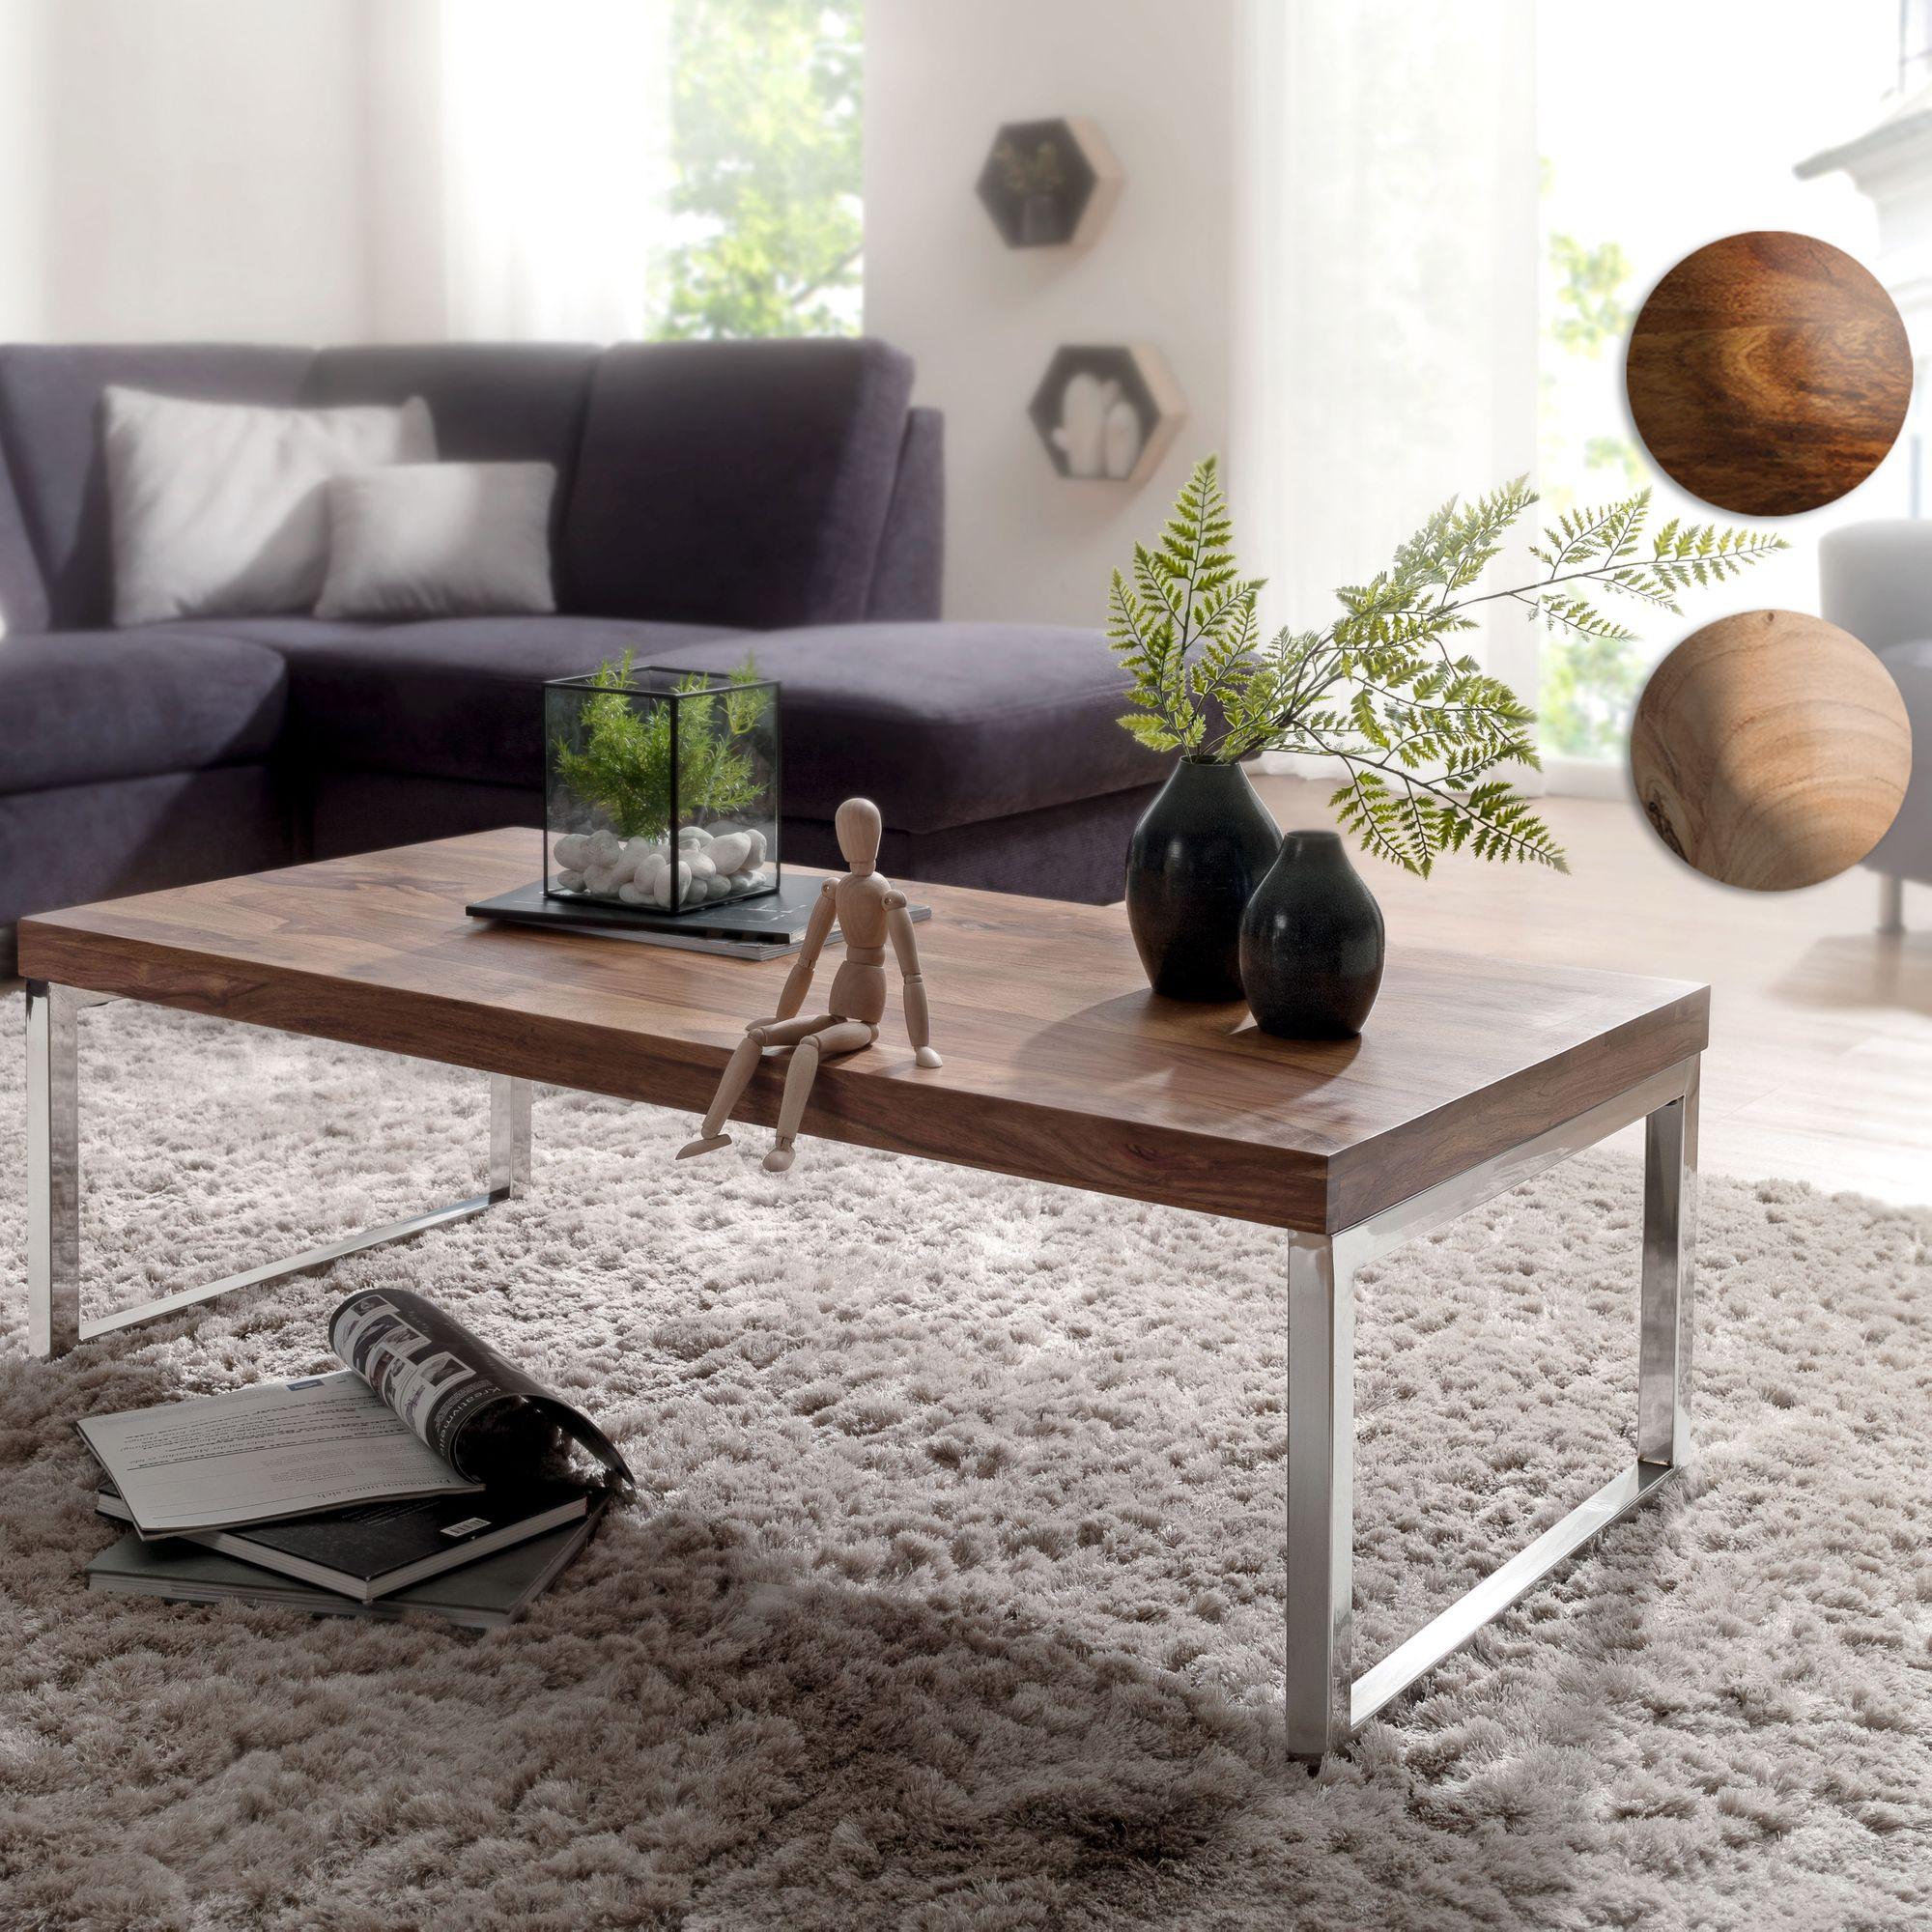 Massiver Couchtisch JAVA 120cm Wohnzimmertisch Holz Tisch